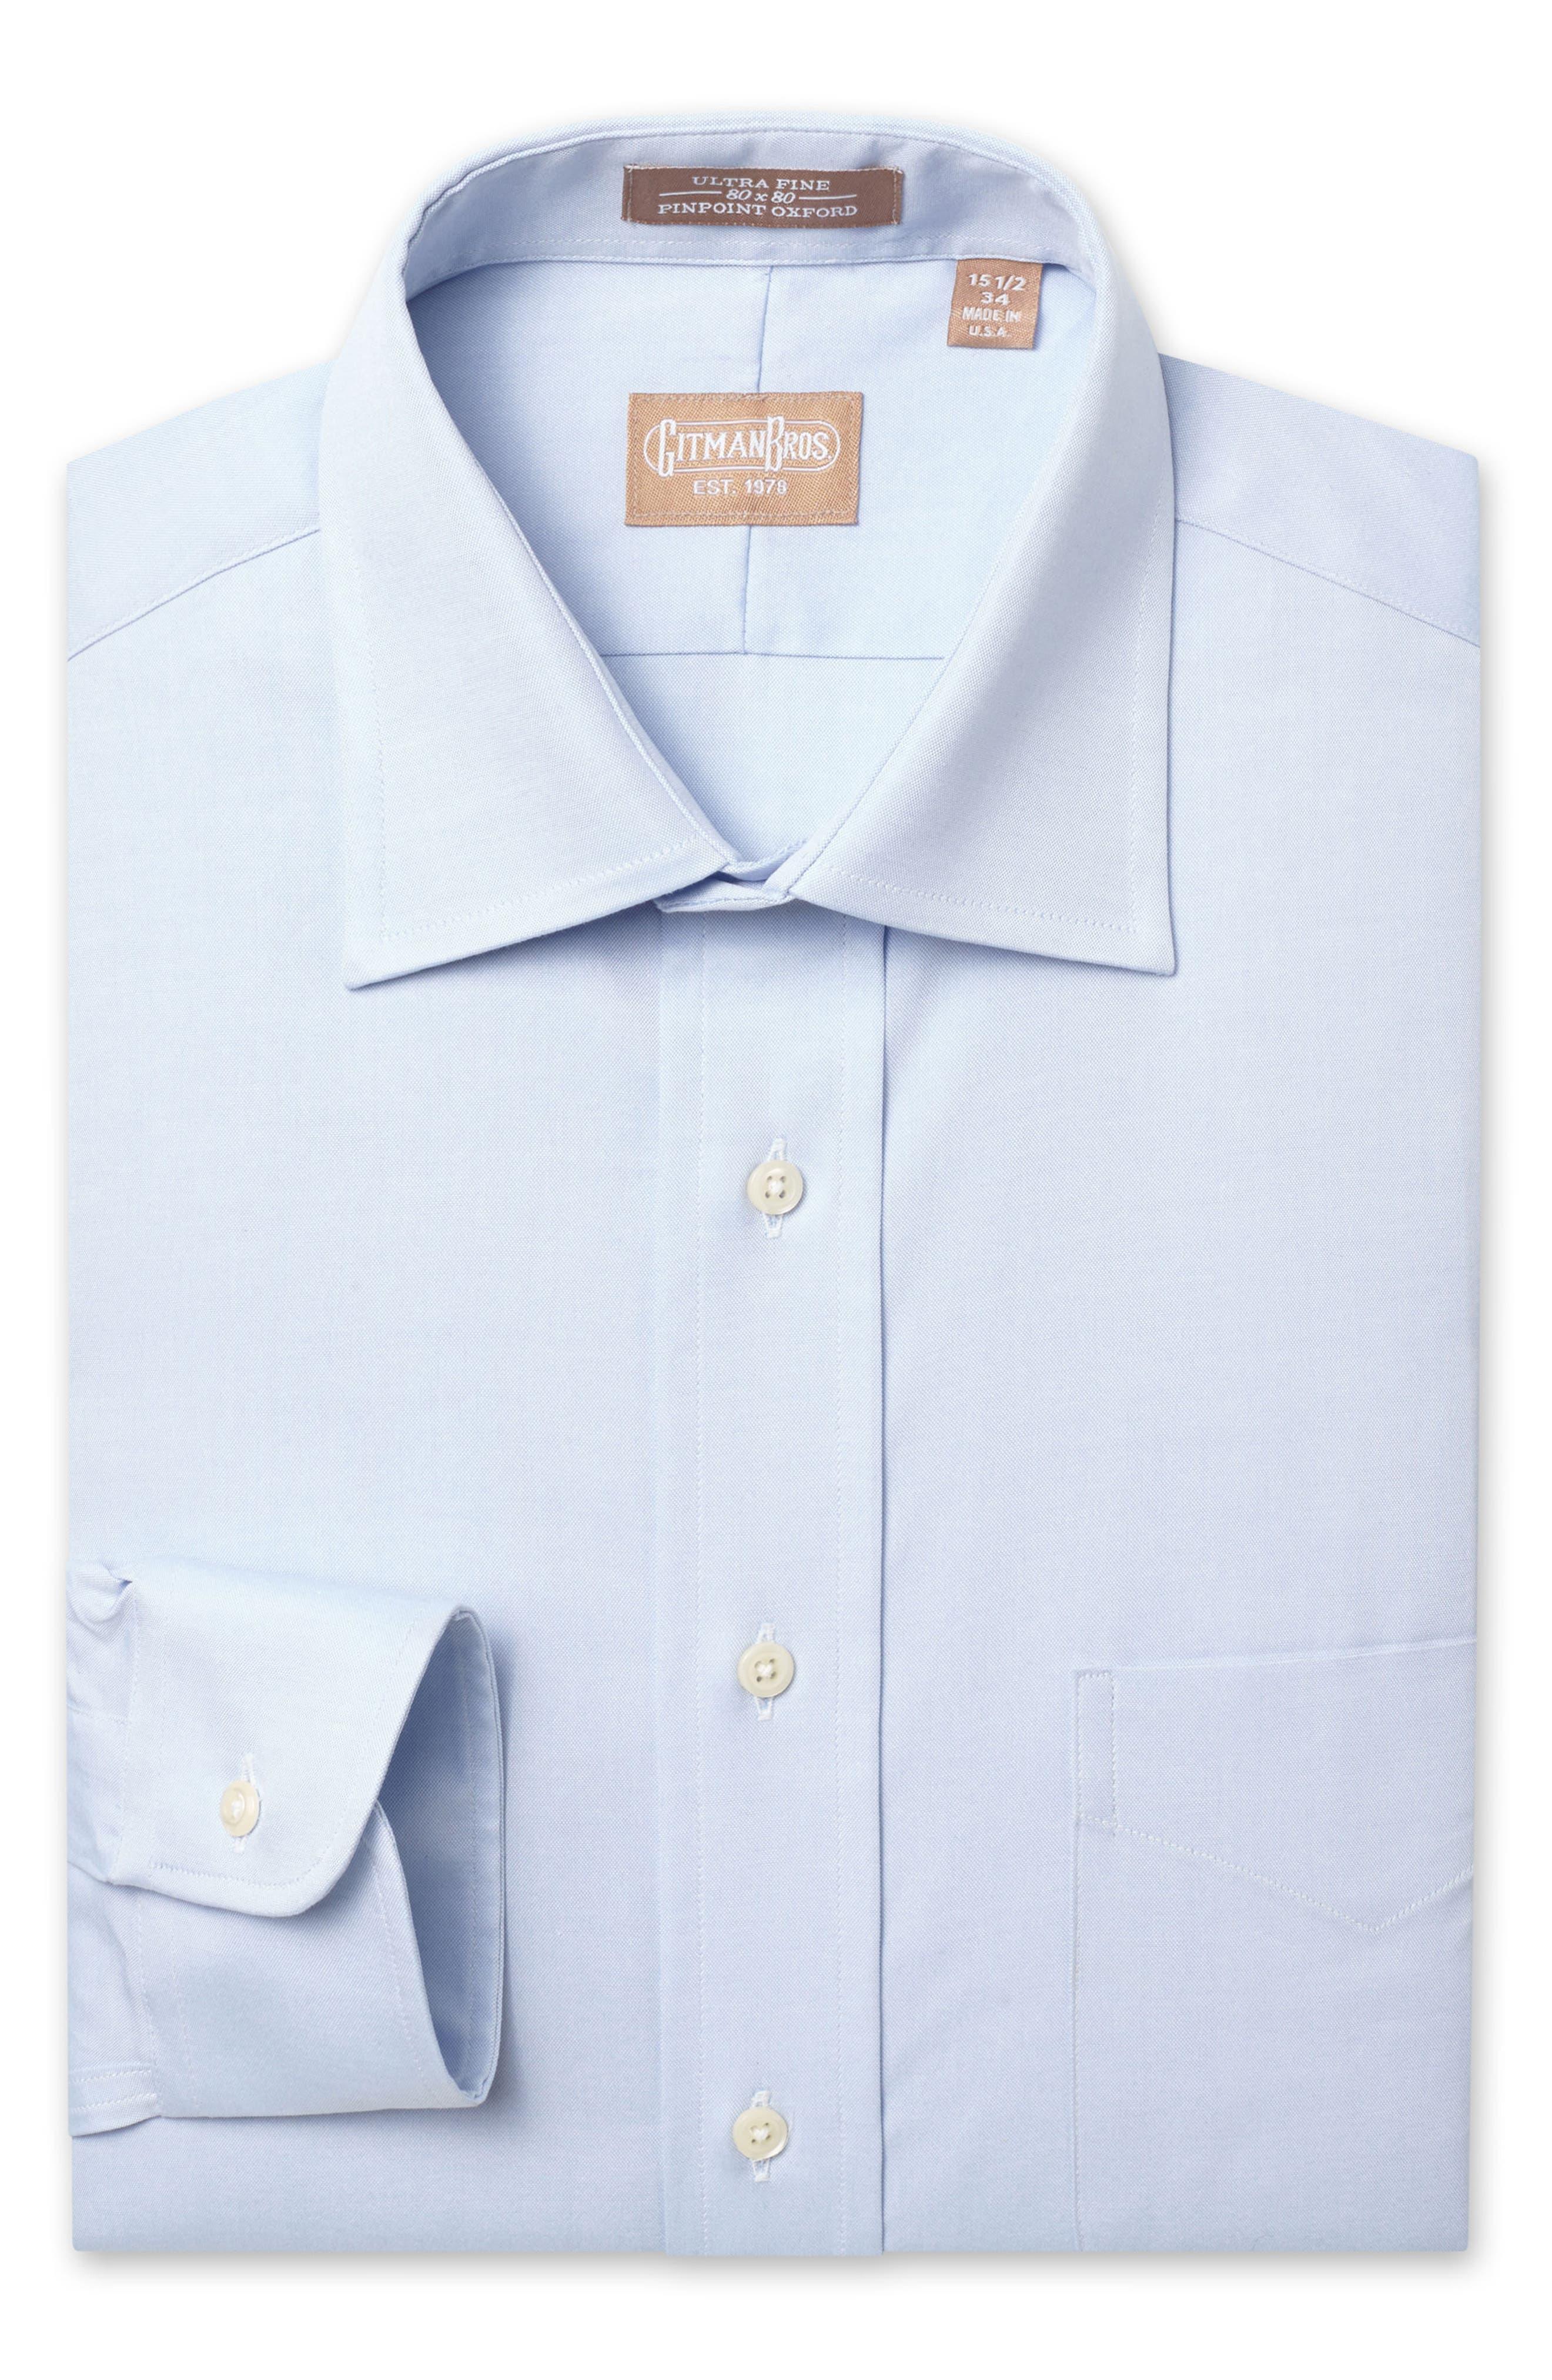 GITMAN Regular Fit Pinpoint Cotton Oxford Point Collar Dress Shirt, Main, color, LIGHT BLUE